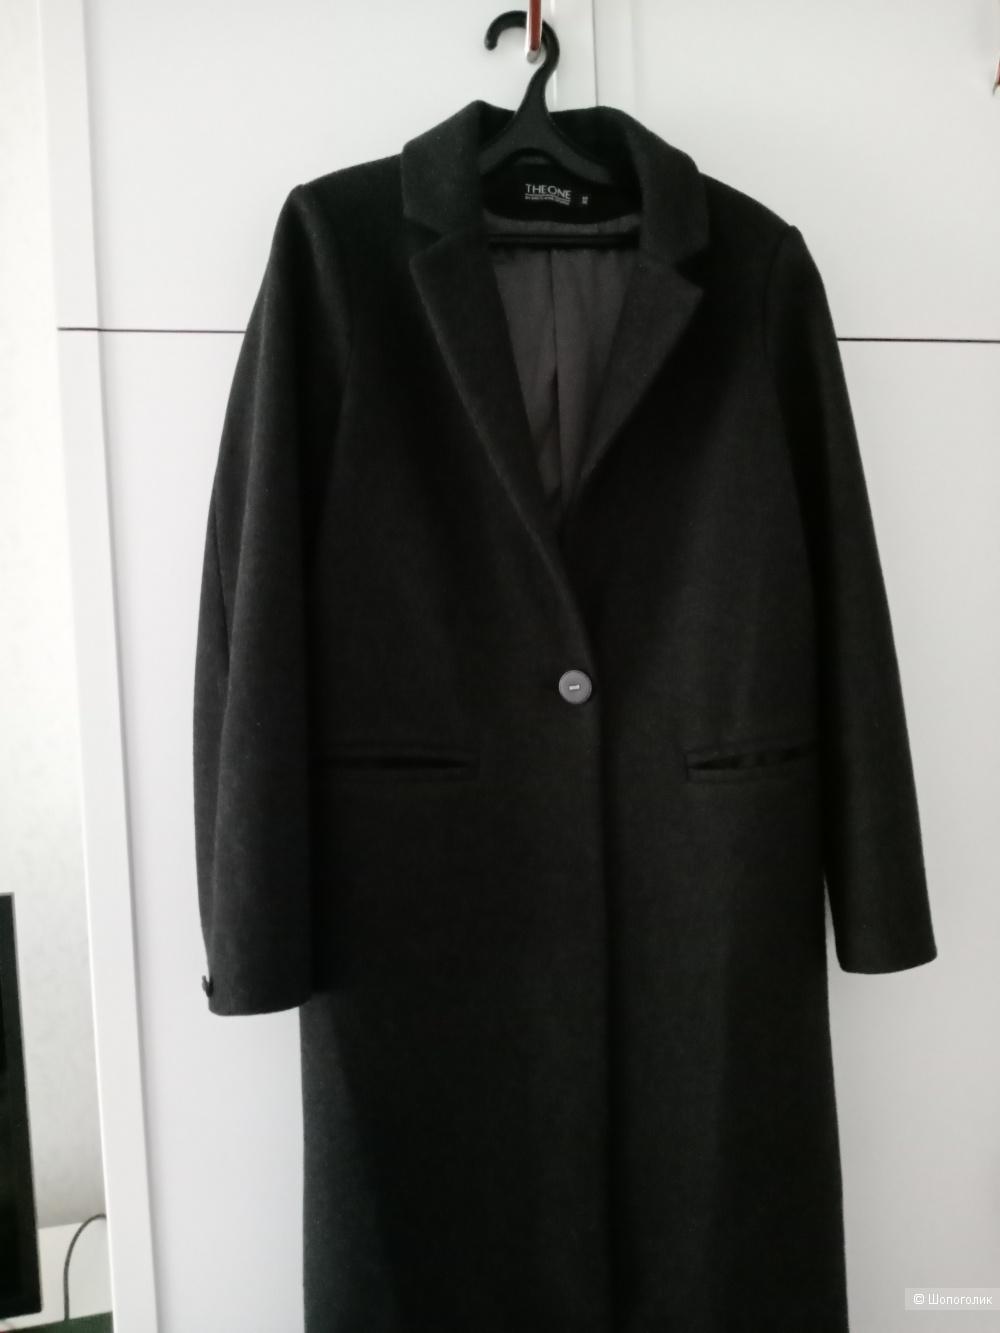 Пальто Theone by Svetlana Ermak, размерXs/S